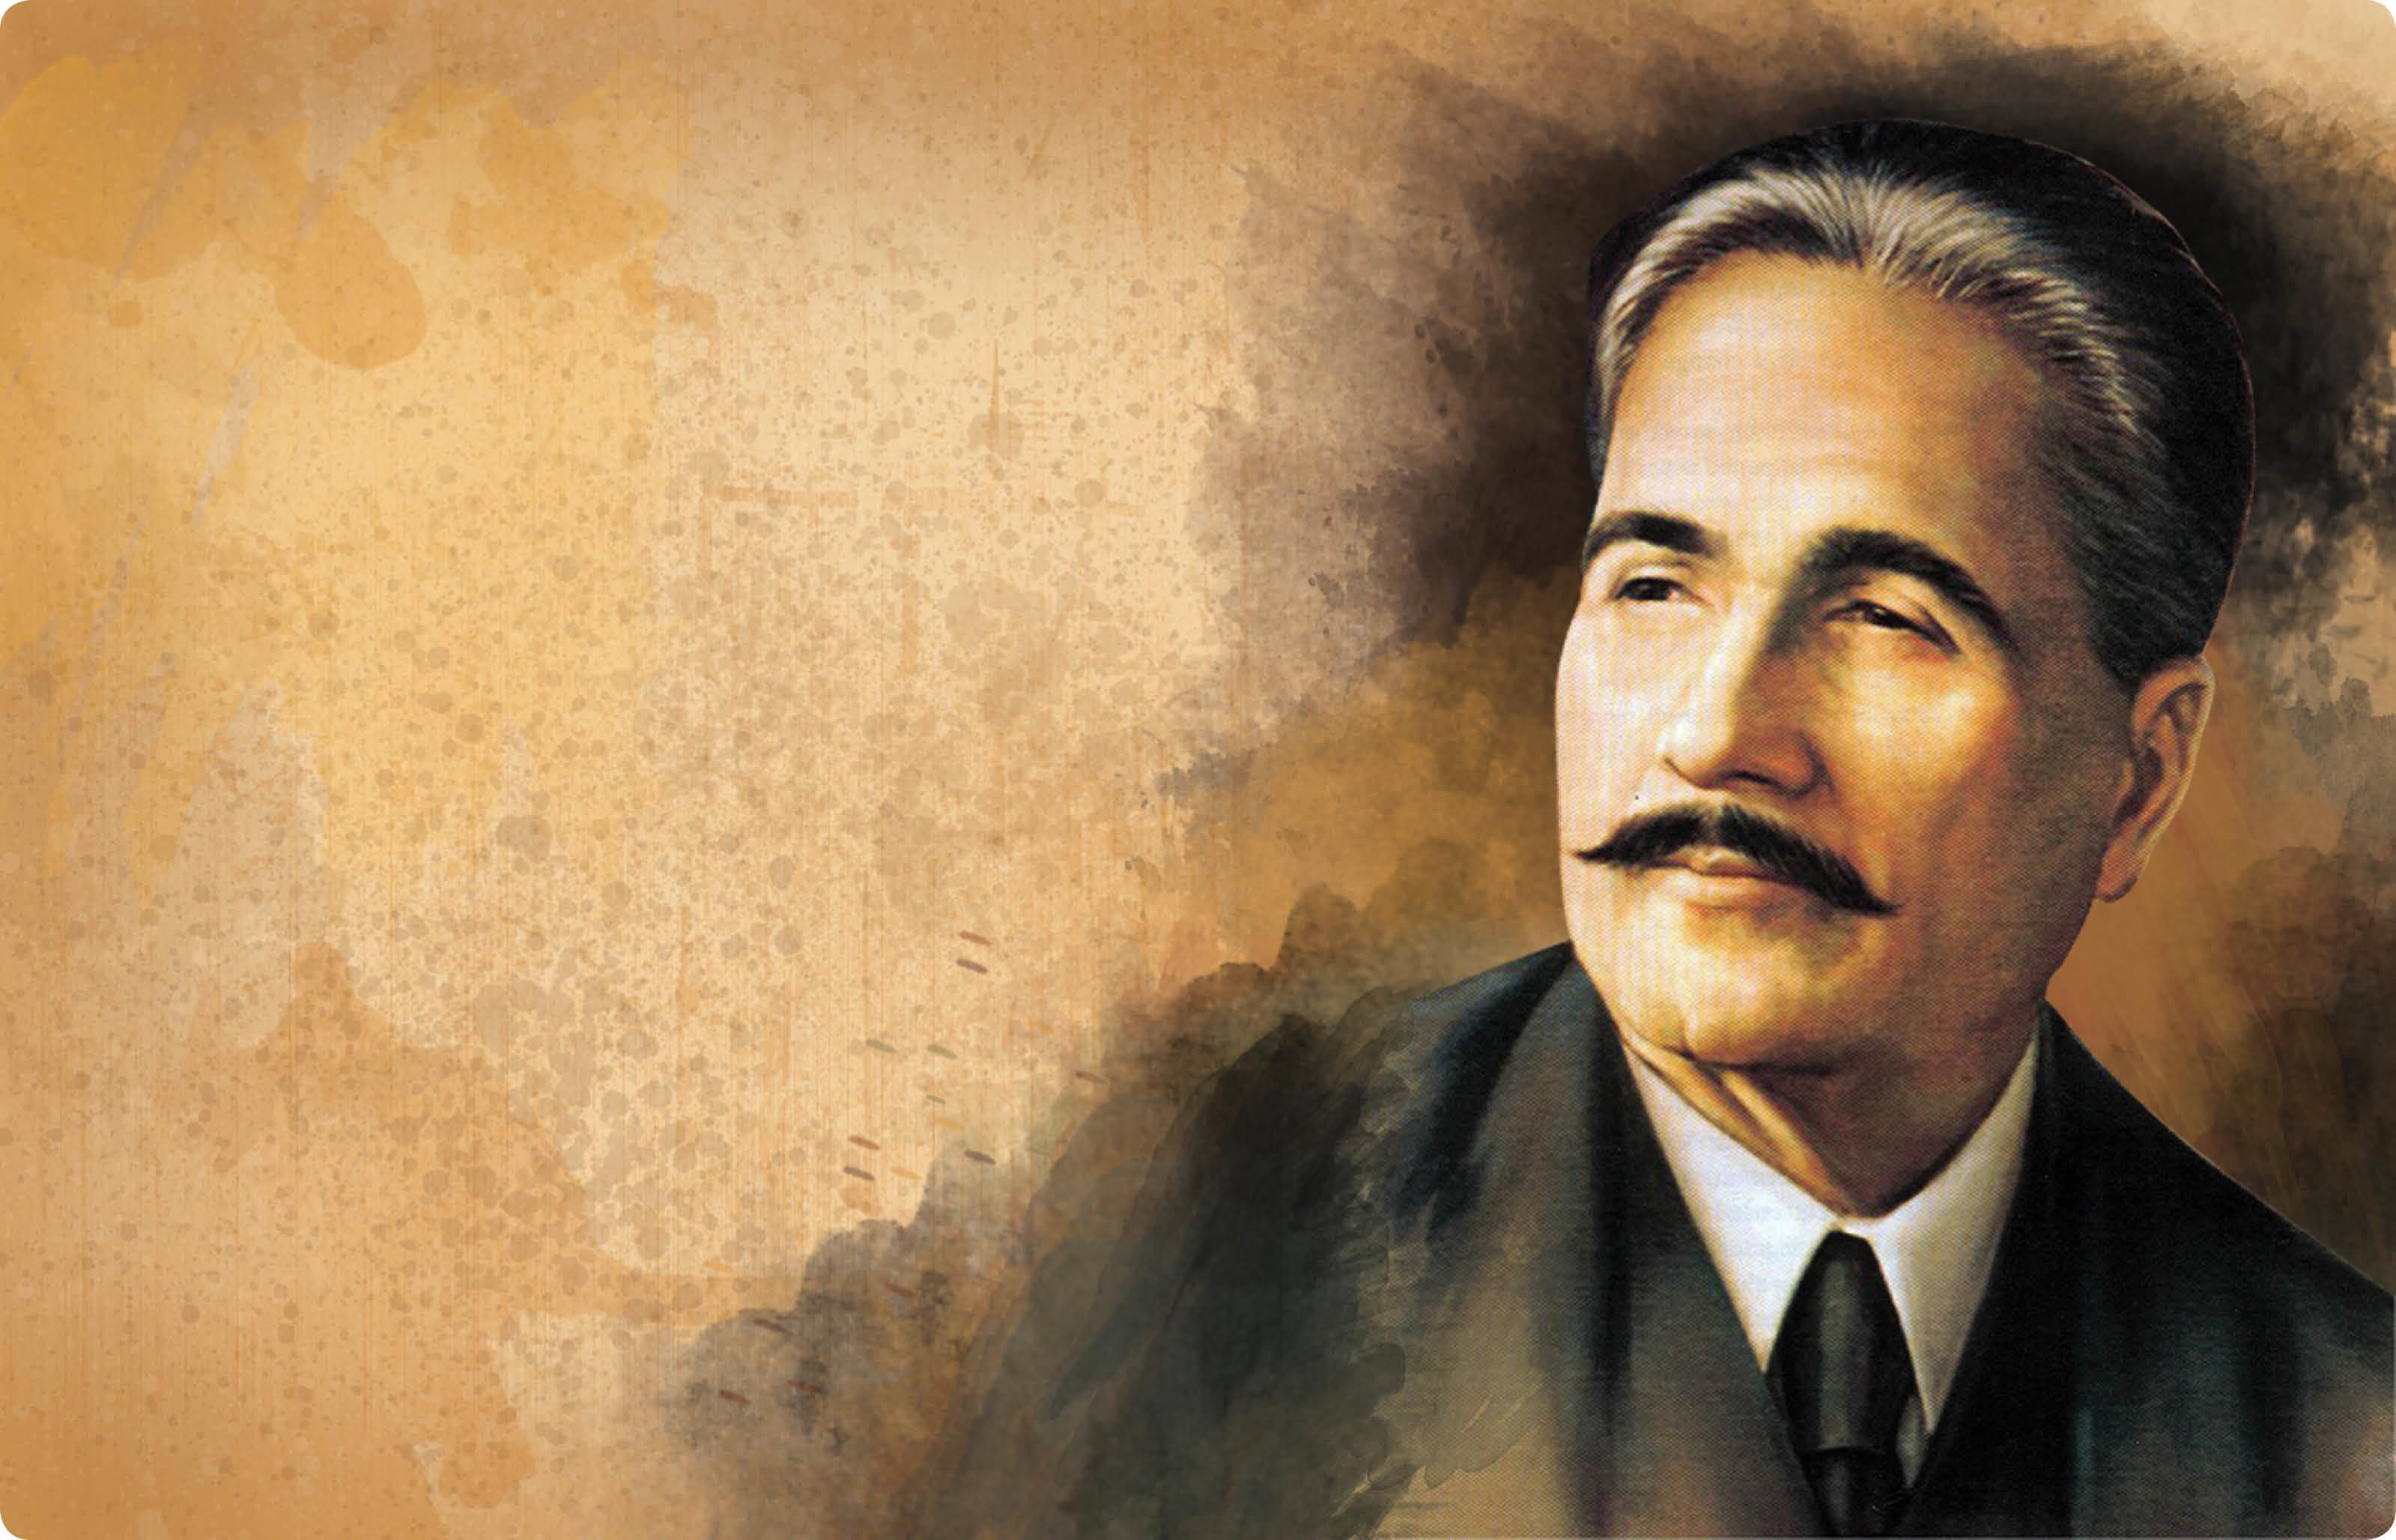 ستاره ی اقبال شعر پارسی